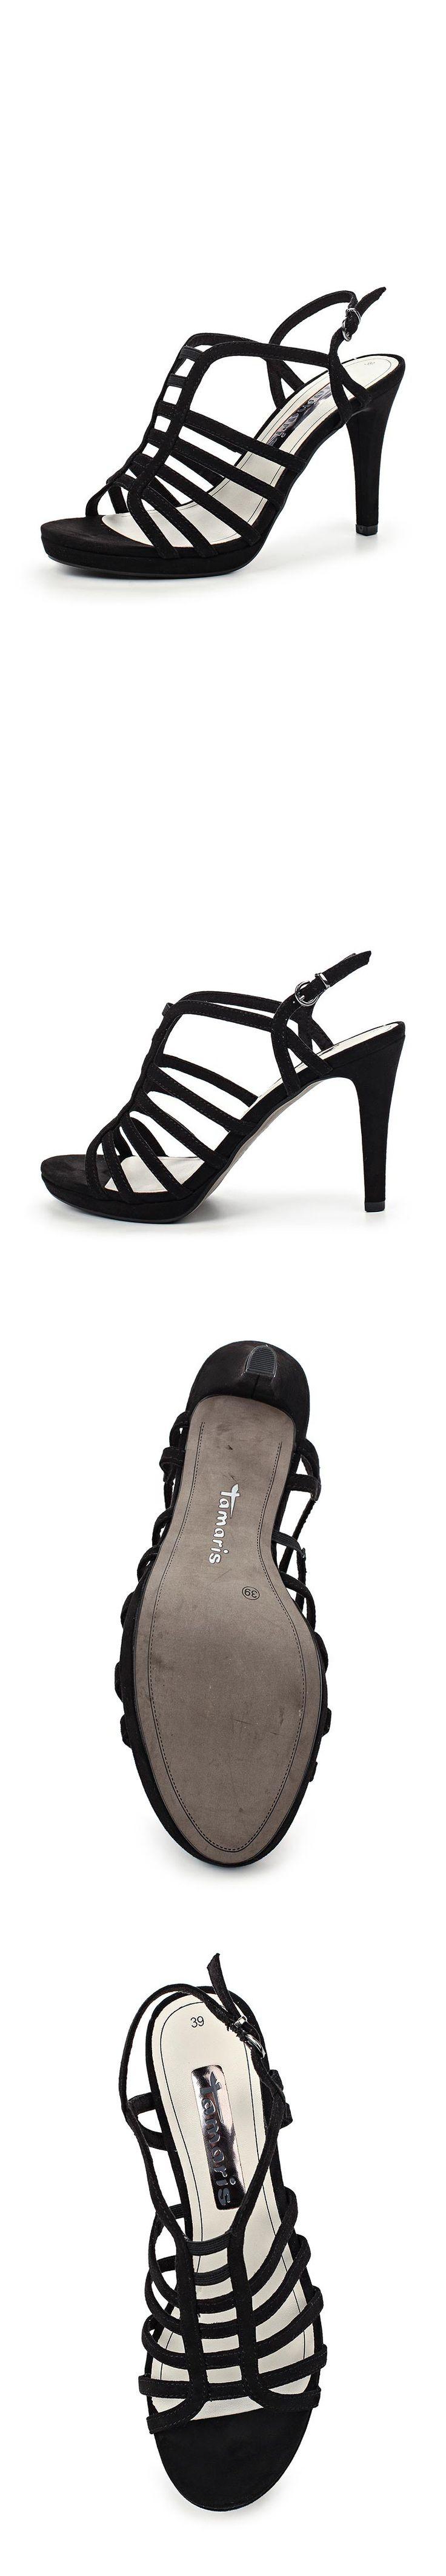 Женская обувь босоножки Tamaris за 4699.00 руб.